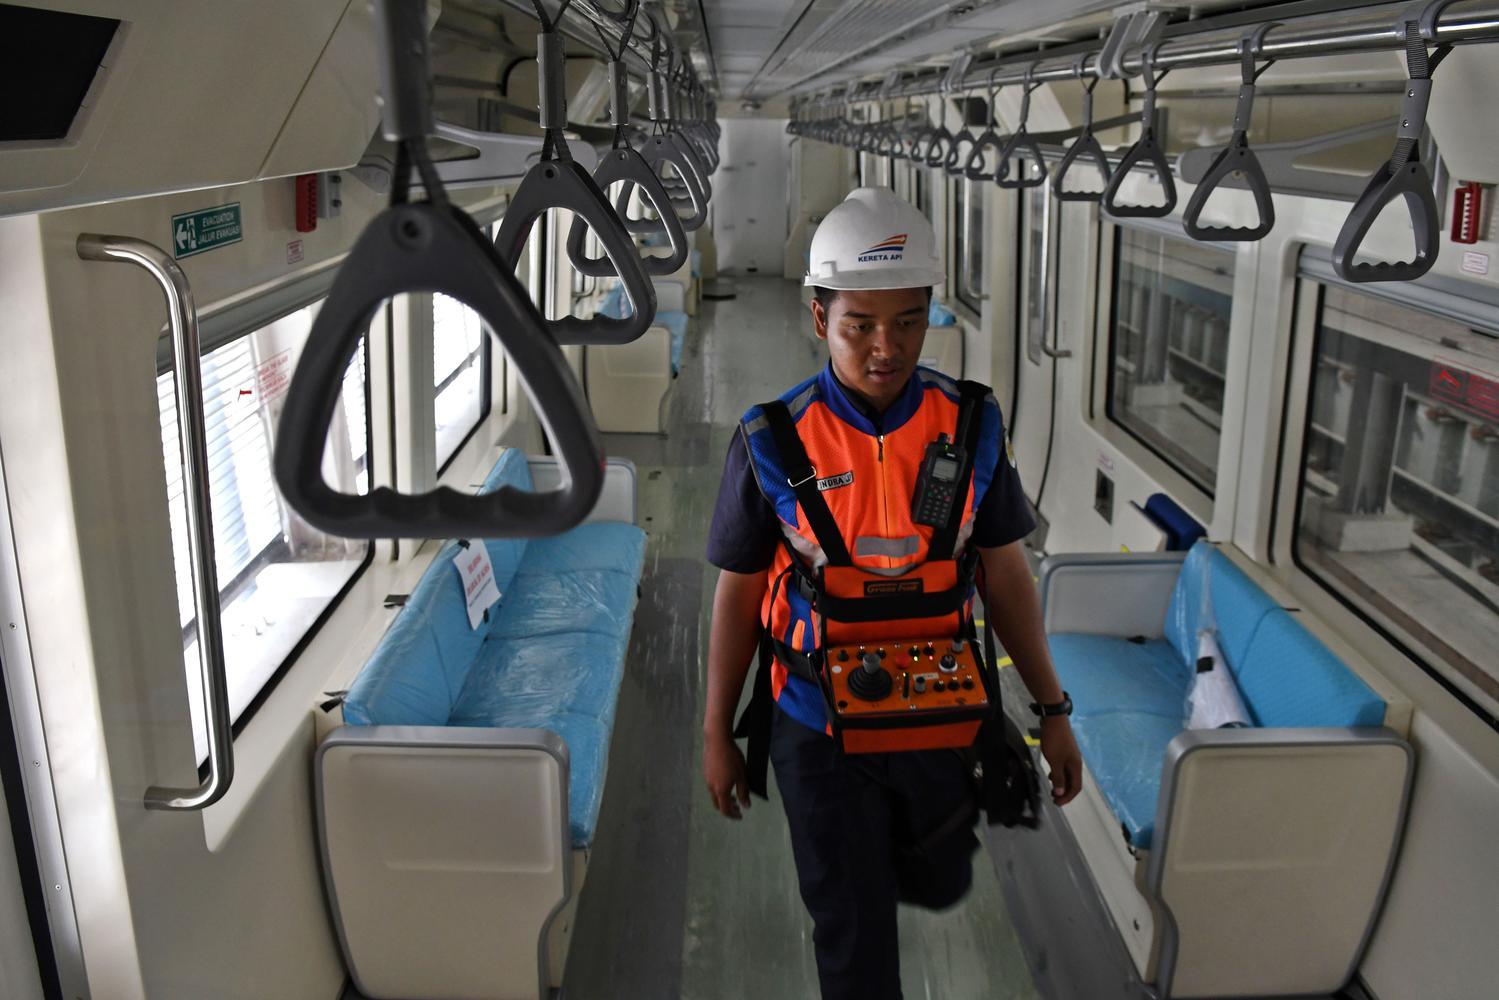 Petugas melintasi ruangan dalam gerbong kereta 'light rail train' atau lintas rel terpadu (LRT) di Stasiun Harjamukti, Cimanggis, Kota Depok, Jawa Barat, Rabu (4/12/2019). LRT Jabodebek koridor Cibubur-Dukuh Atas akan dikenakan harga tiket Rp12 ribu per penumpang.